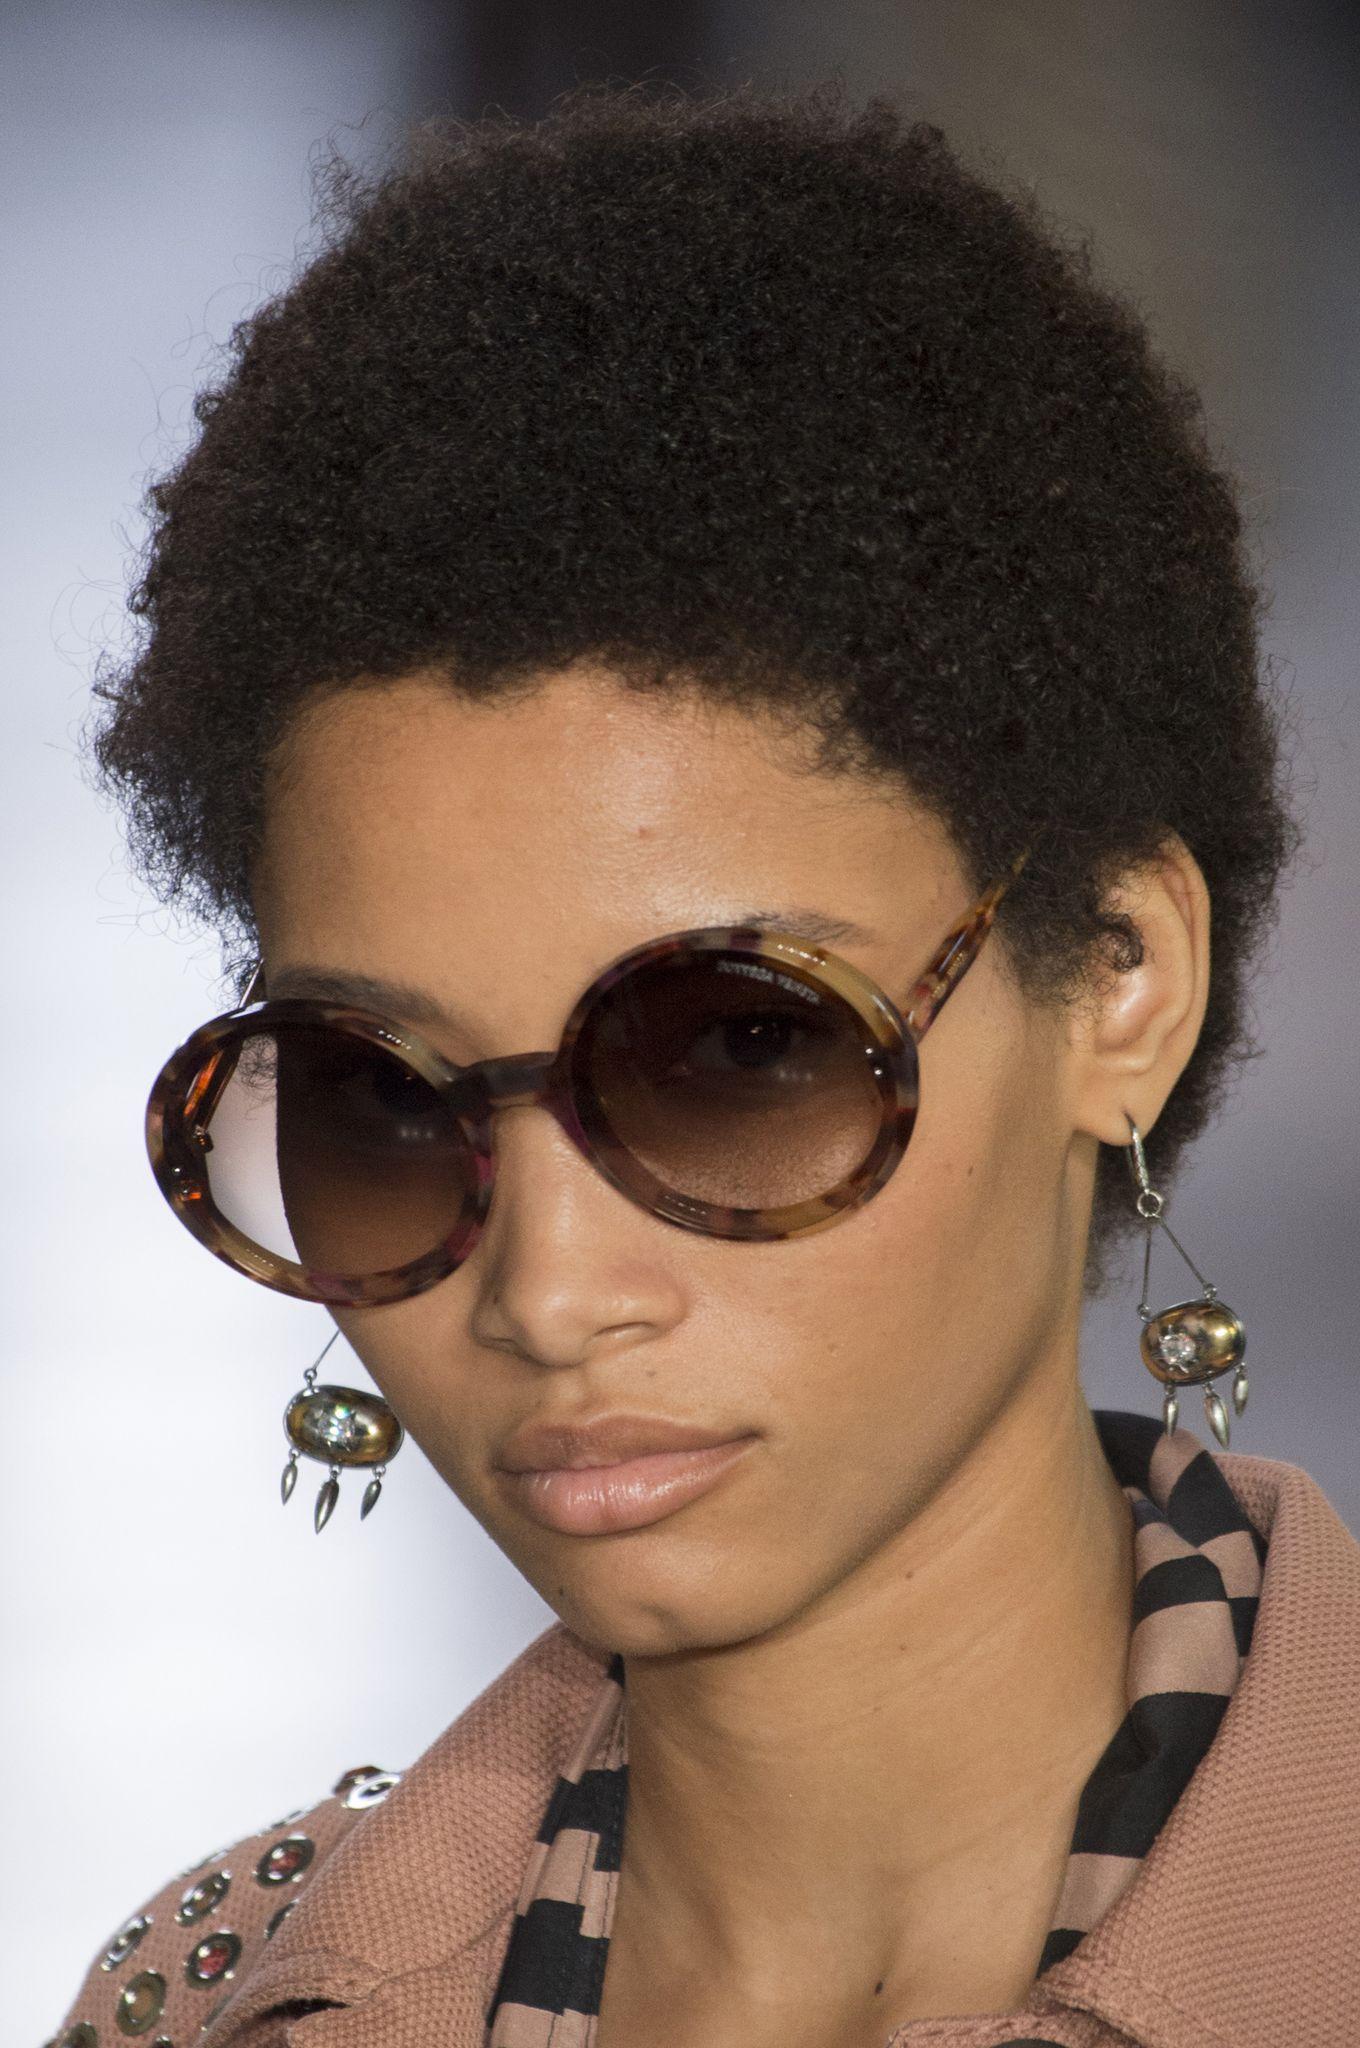 ochelari-soare-veneta